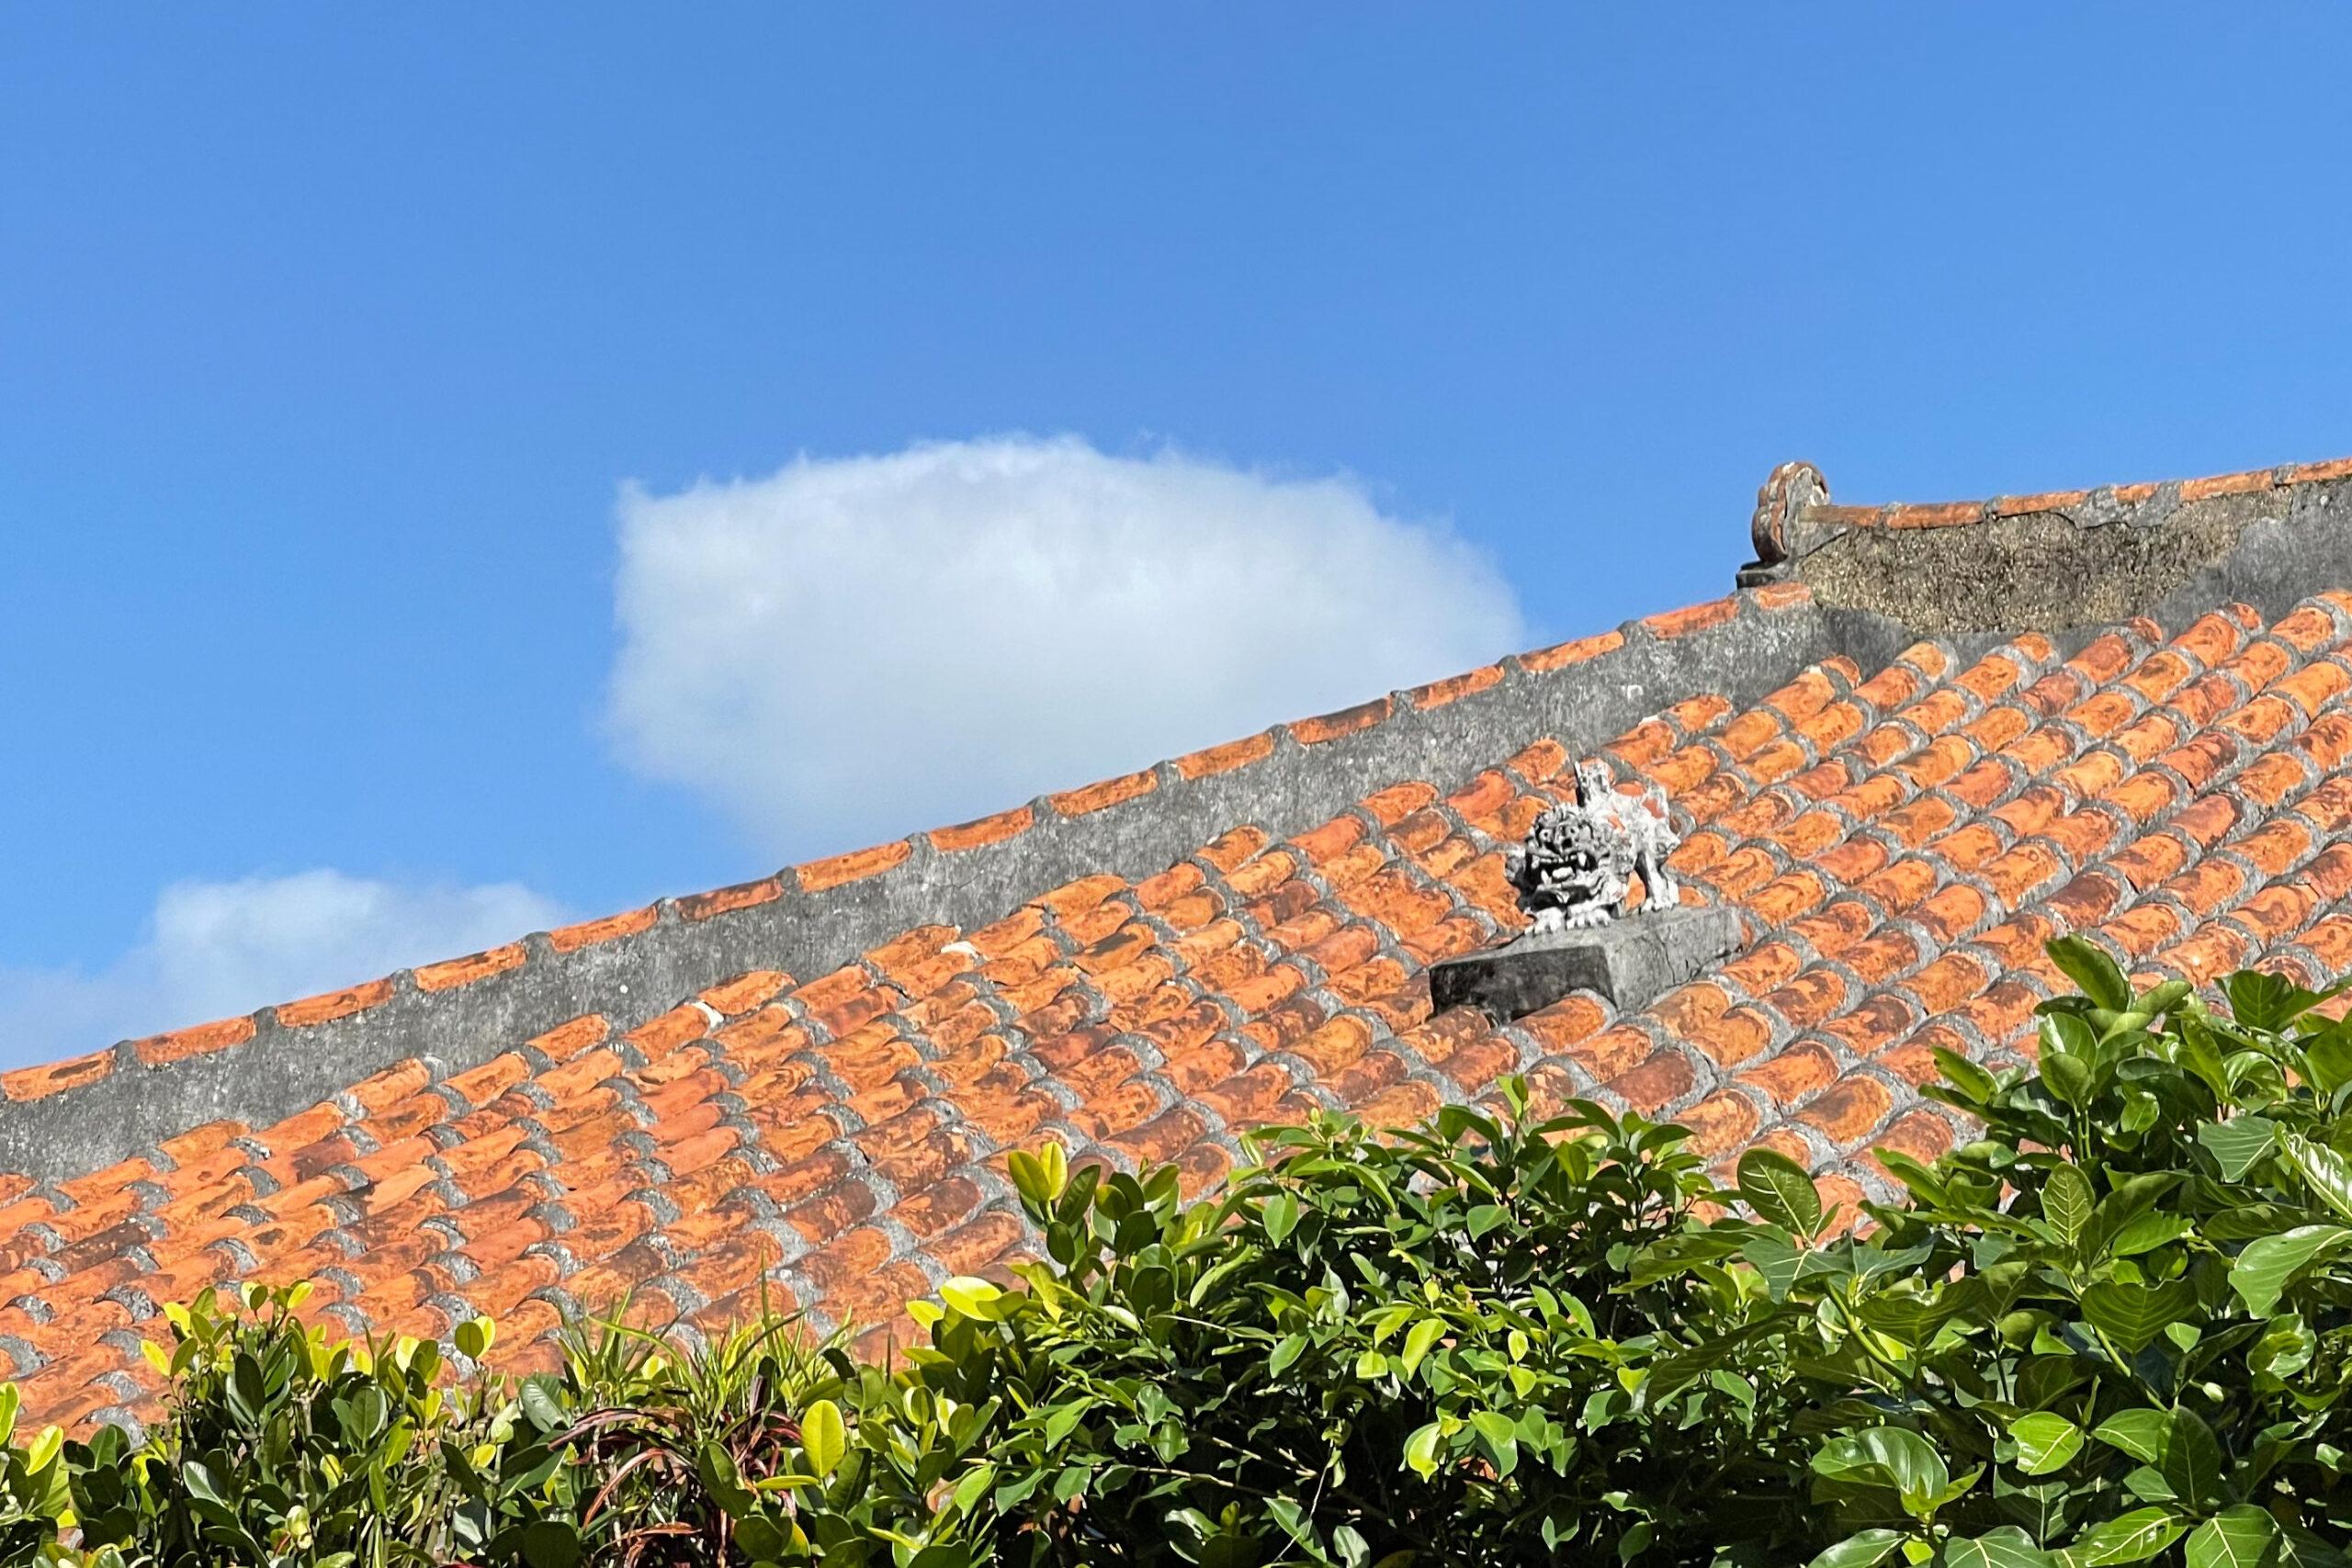 沖縄ワーケーションルーム改装プロジェクト 解体の打ち合わせ+合間に撮った沖縄の風景